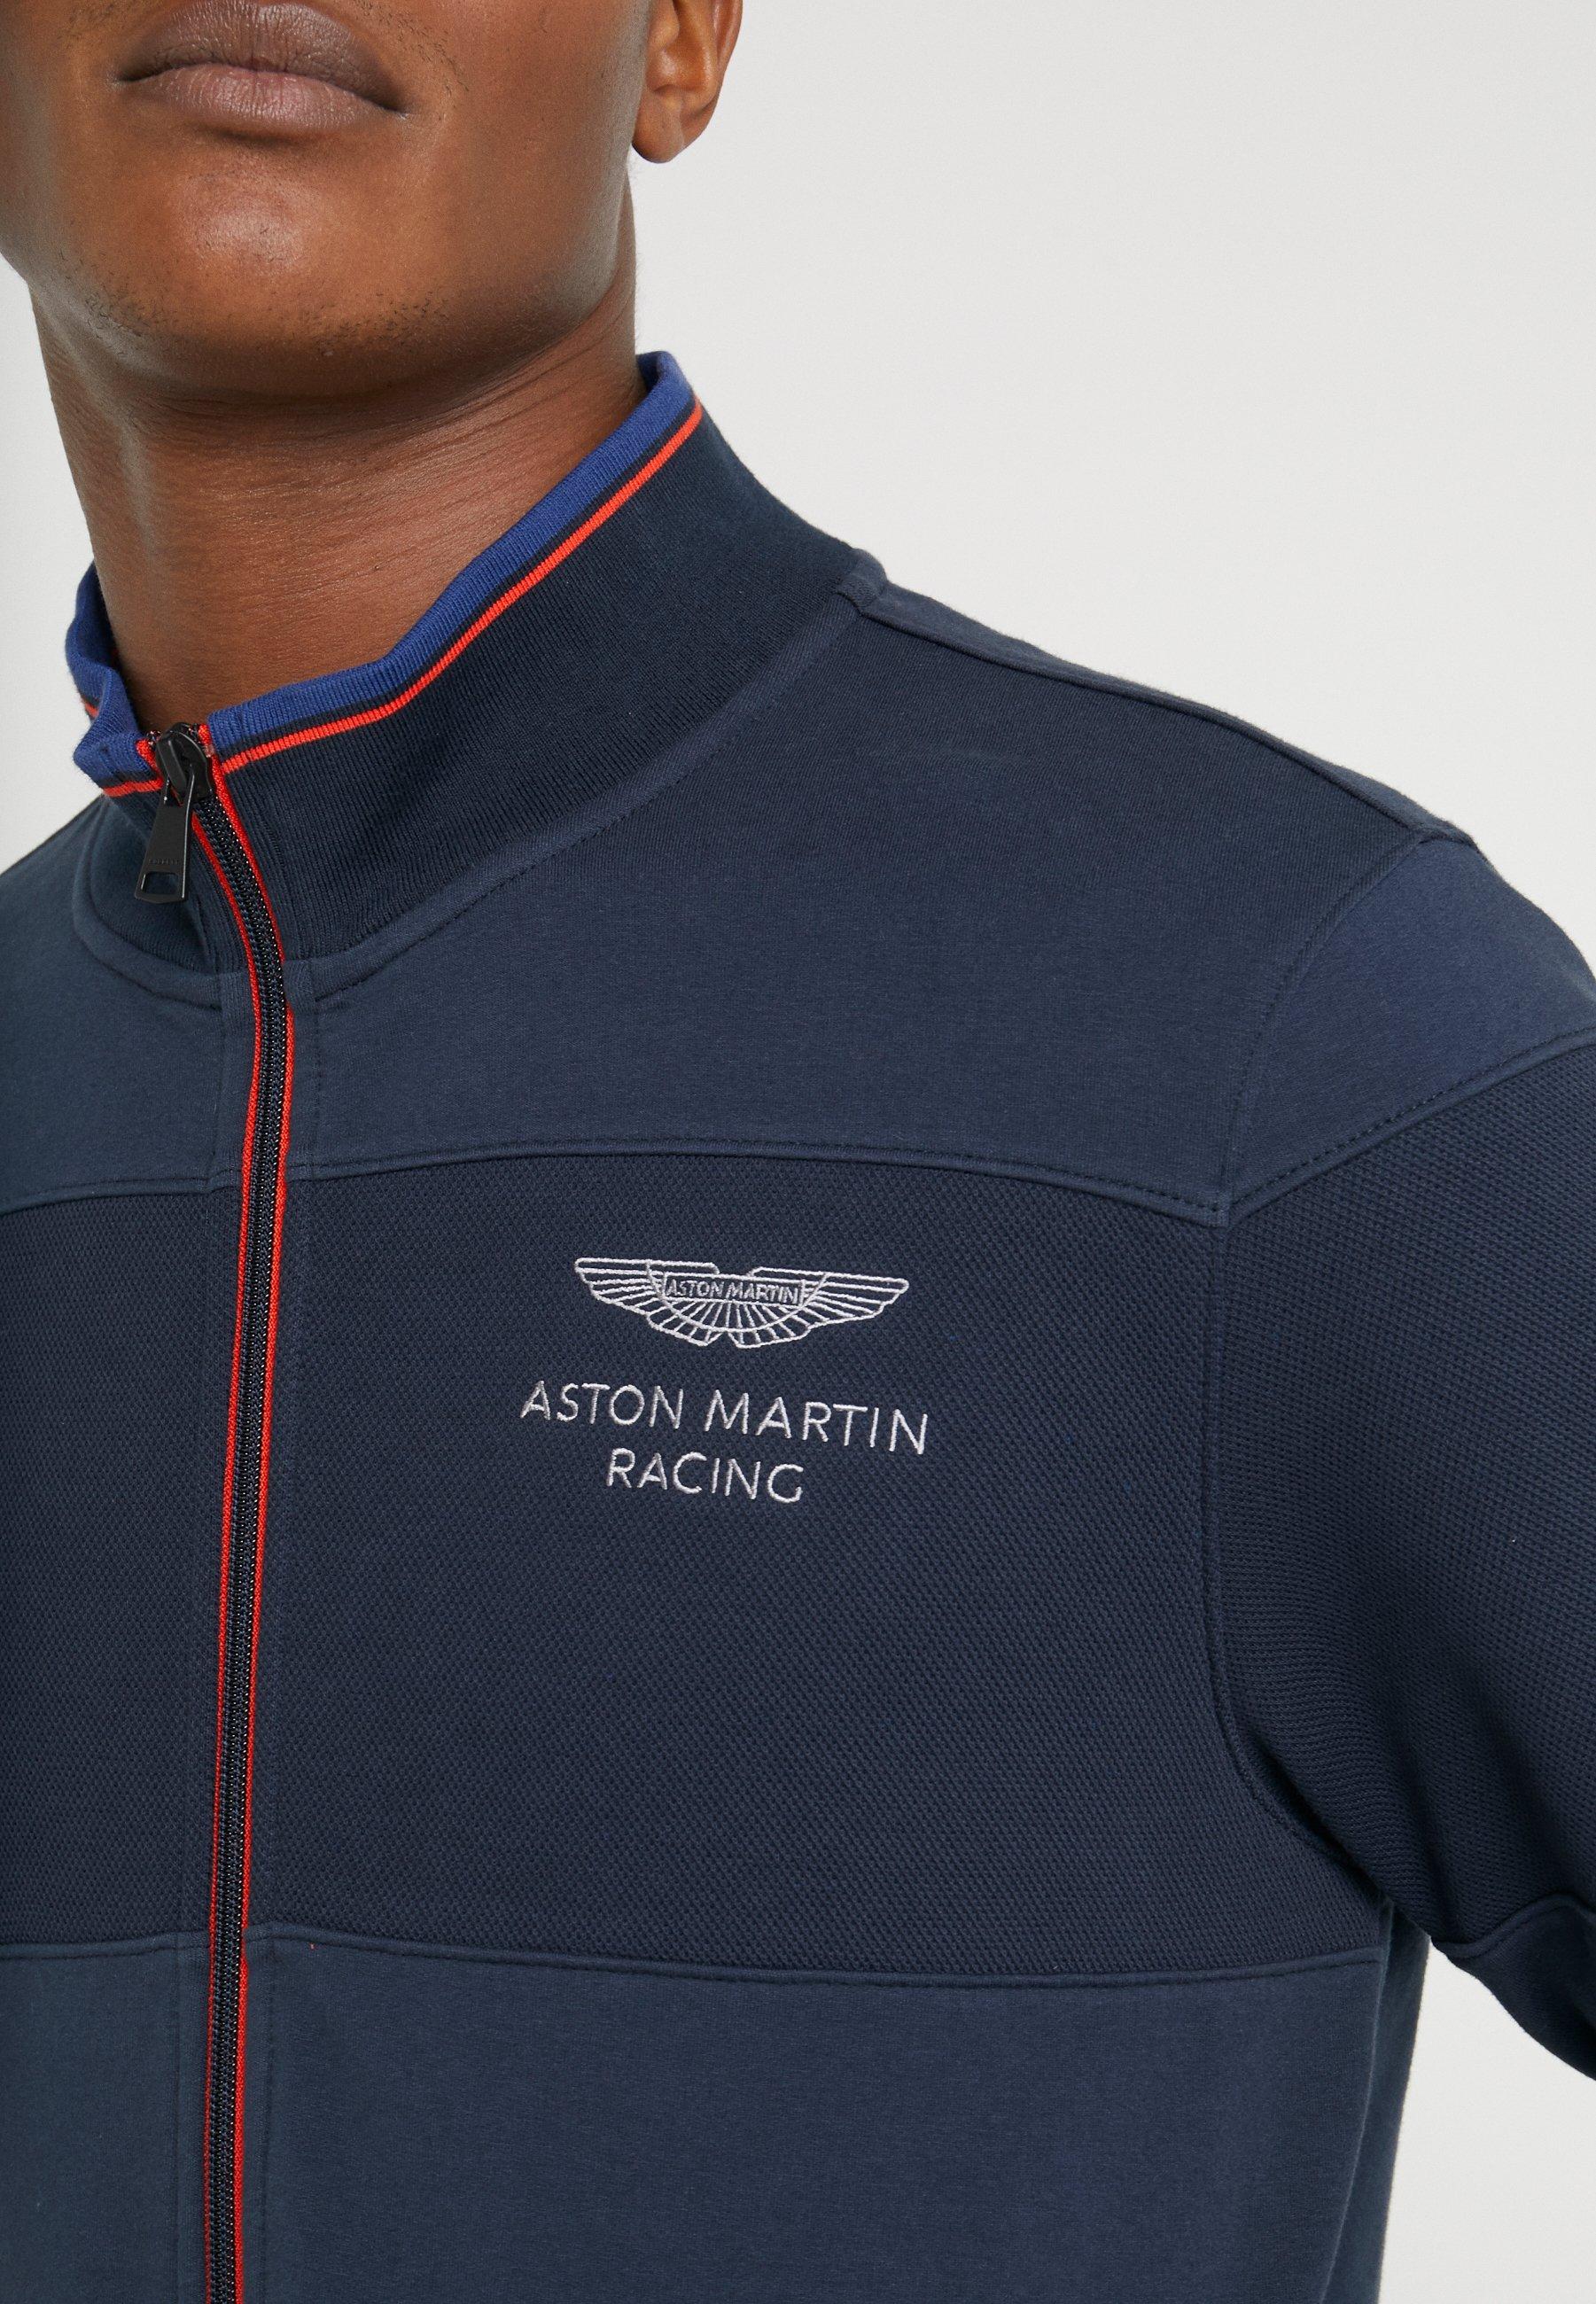 Hackett Aston Martin Racing Track Top - Huvtröja Med Dragkedja Navy